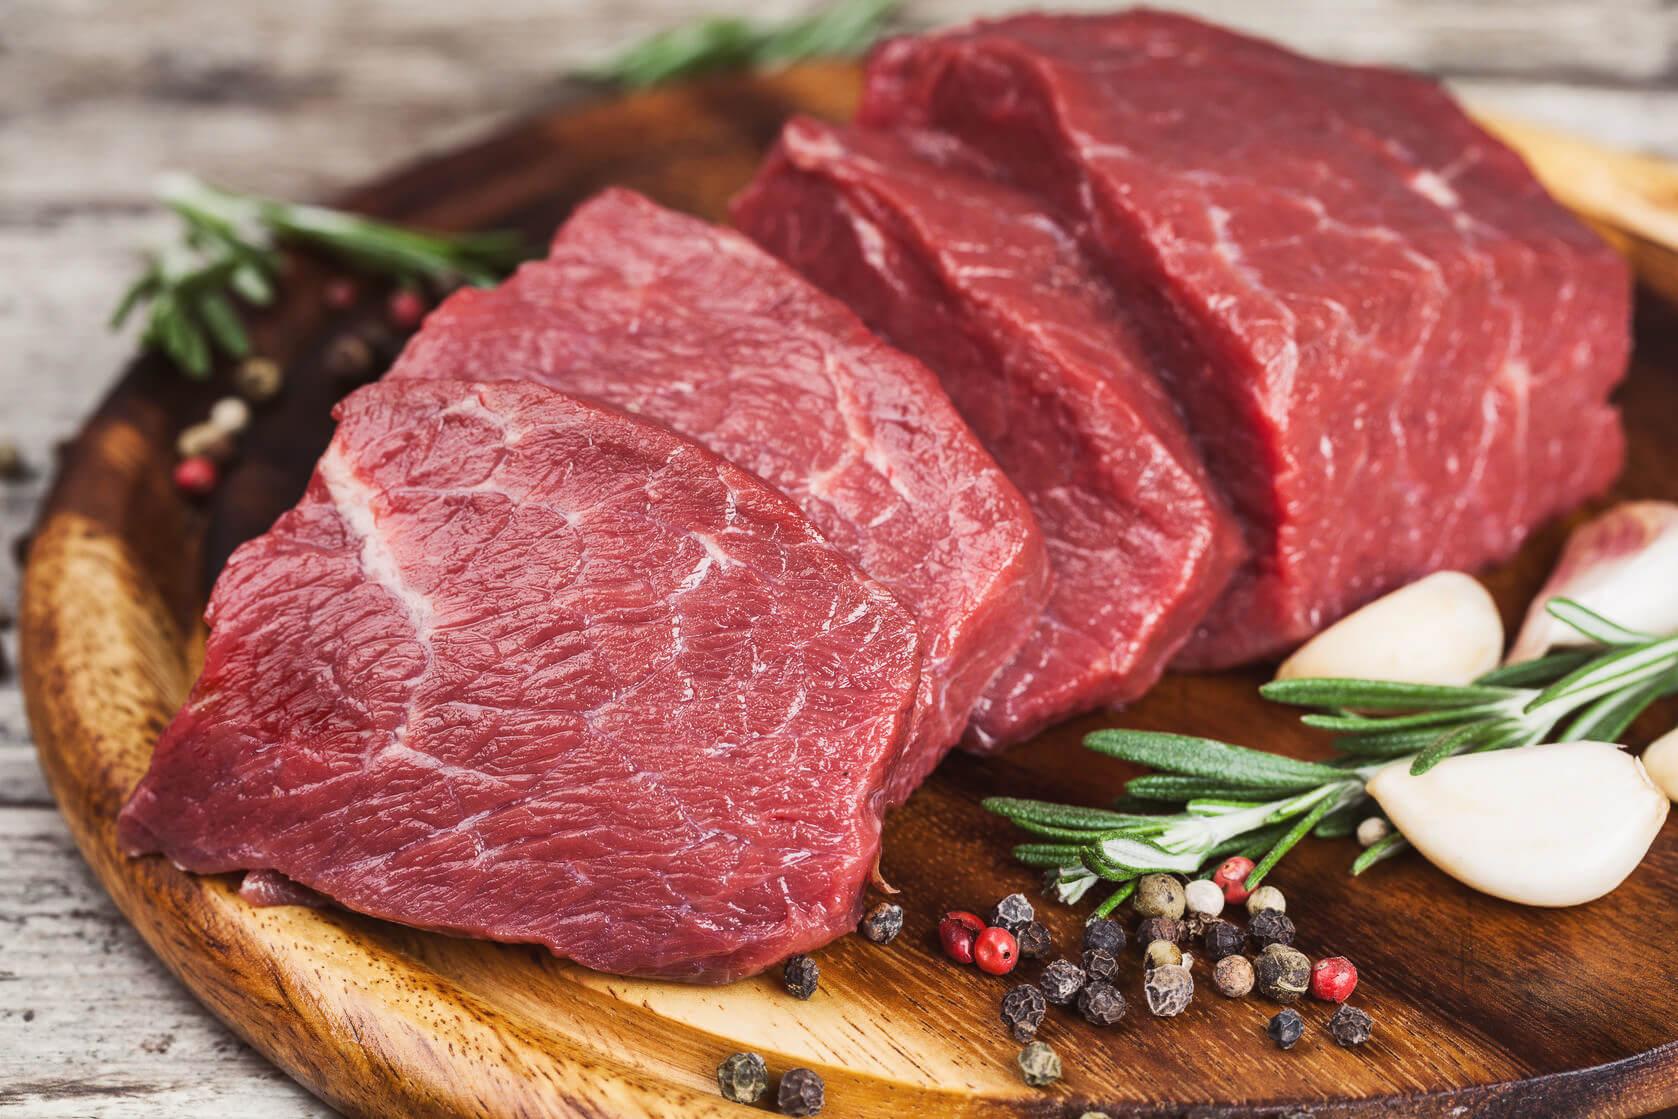 сырое мясо с перцем и розмарином на доске